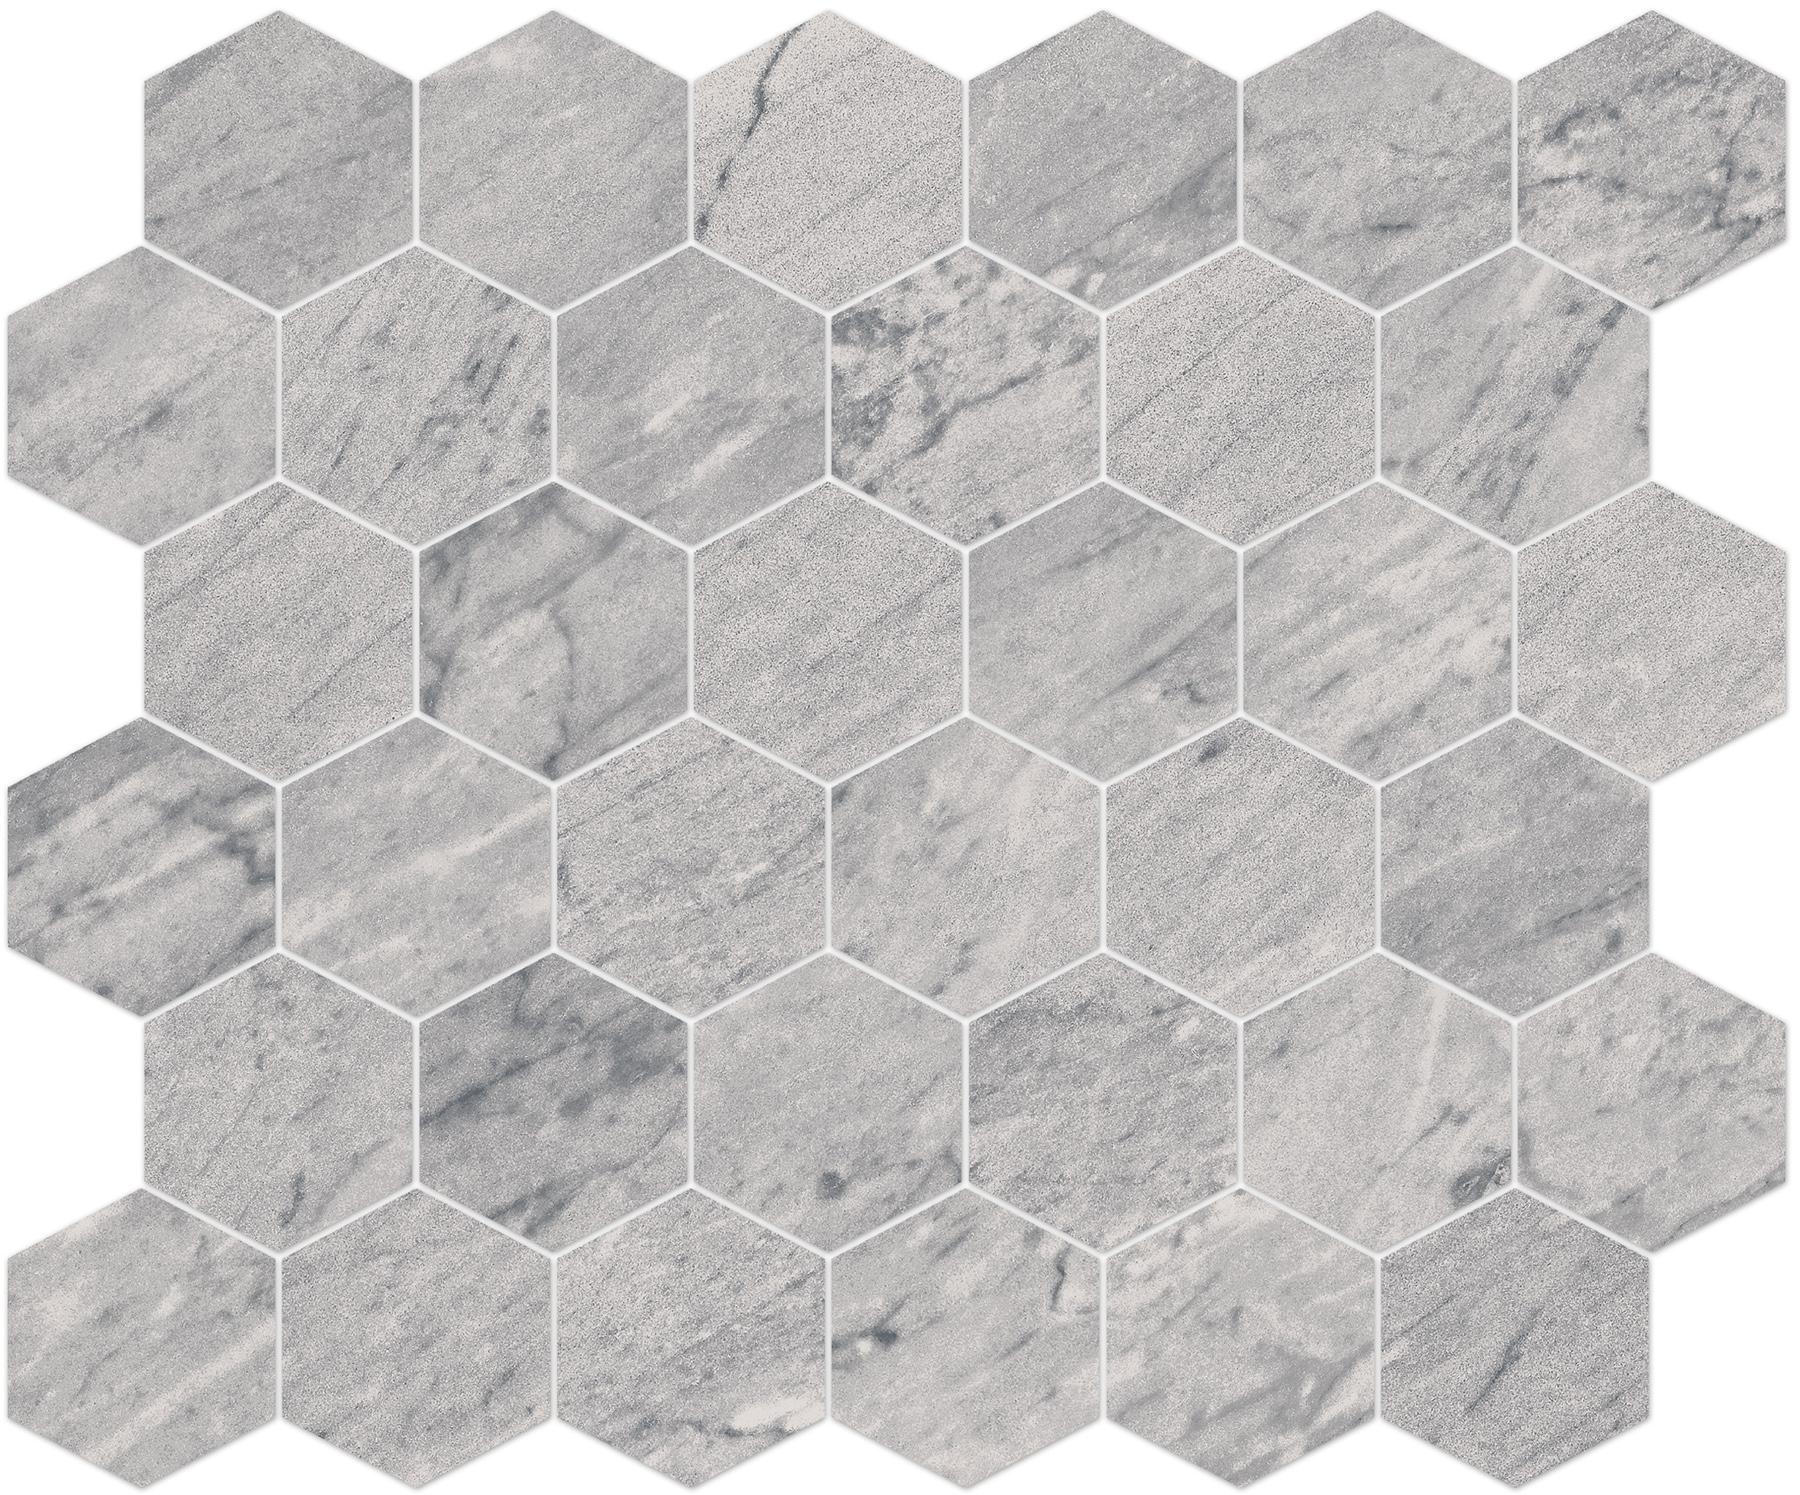 8883/720, Bernini Stone, Harmaa, lattia,mosaiikki